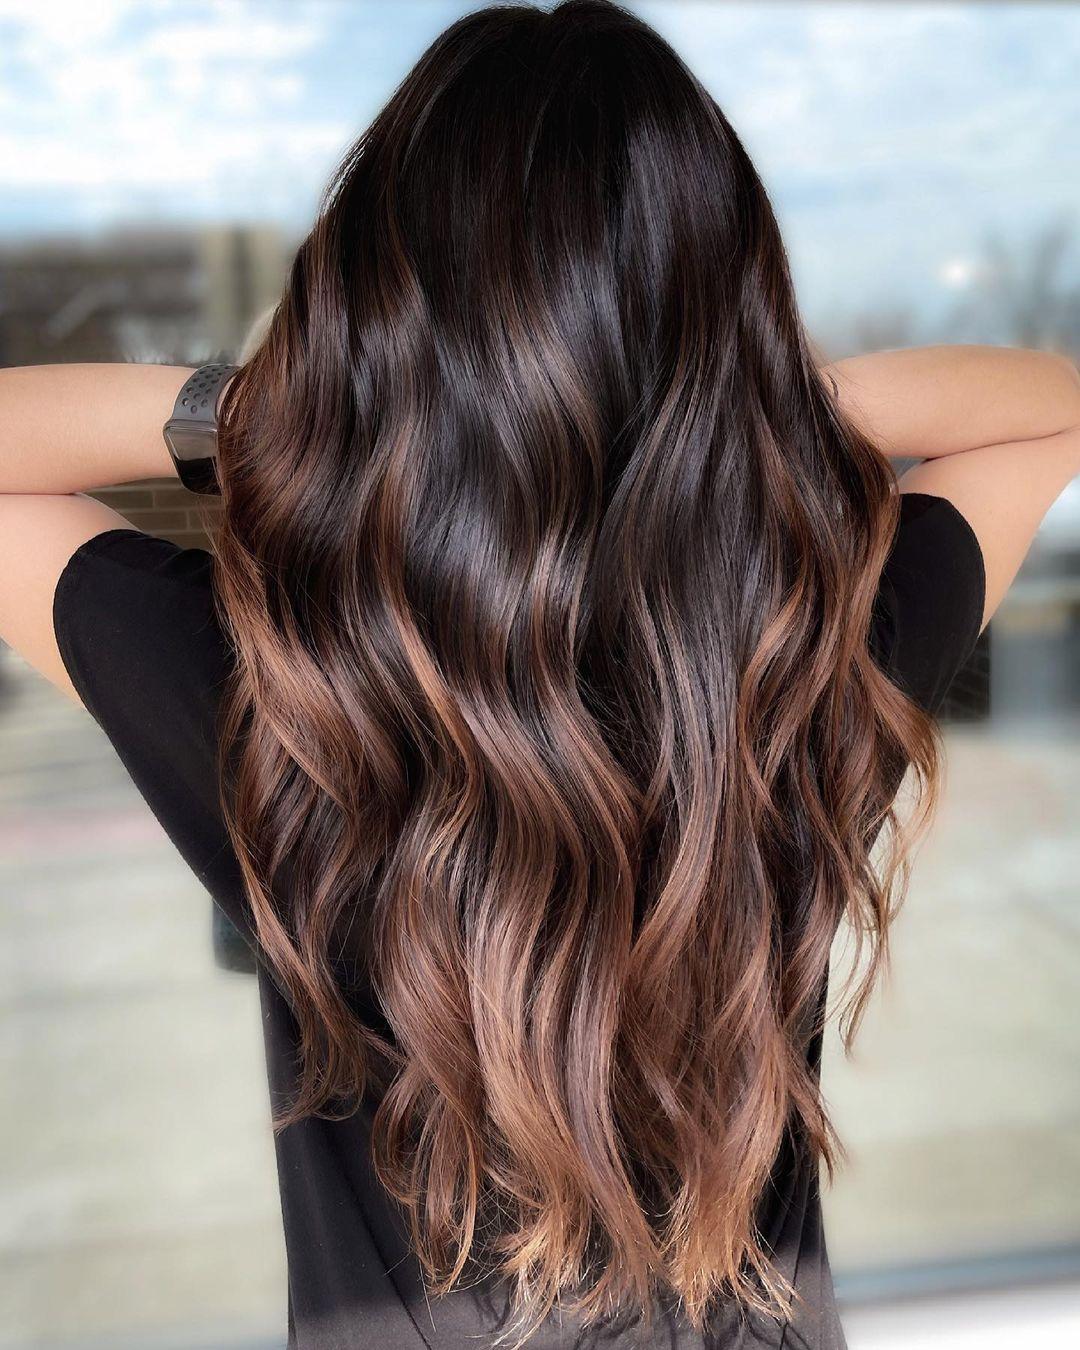 Chestnut Highlights on Brunette Hair